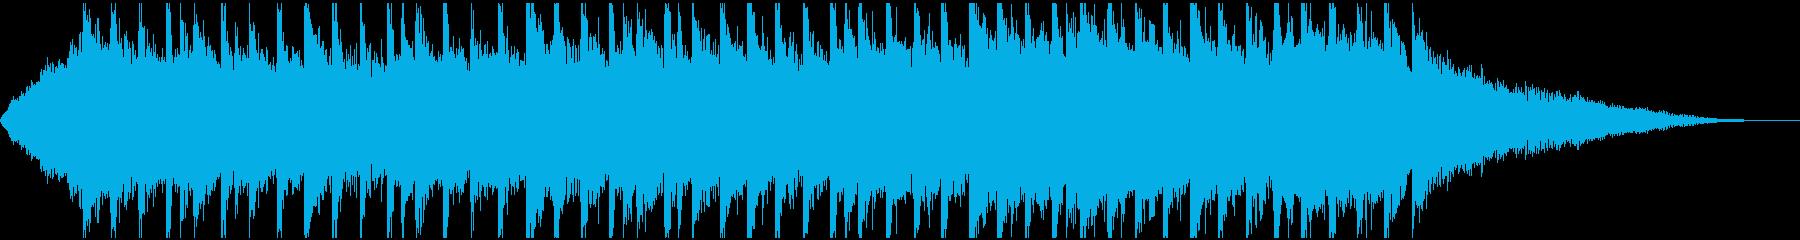 30秒B企業VP,コーポレート,元気の再生済みの波形